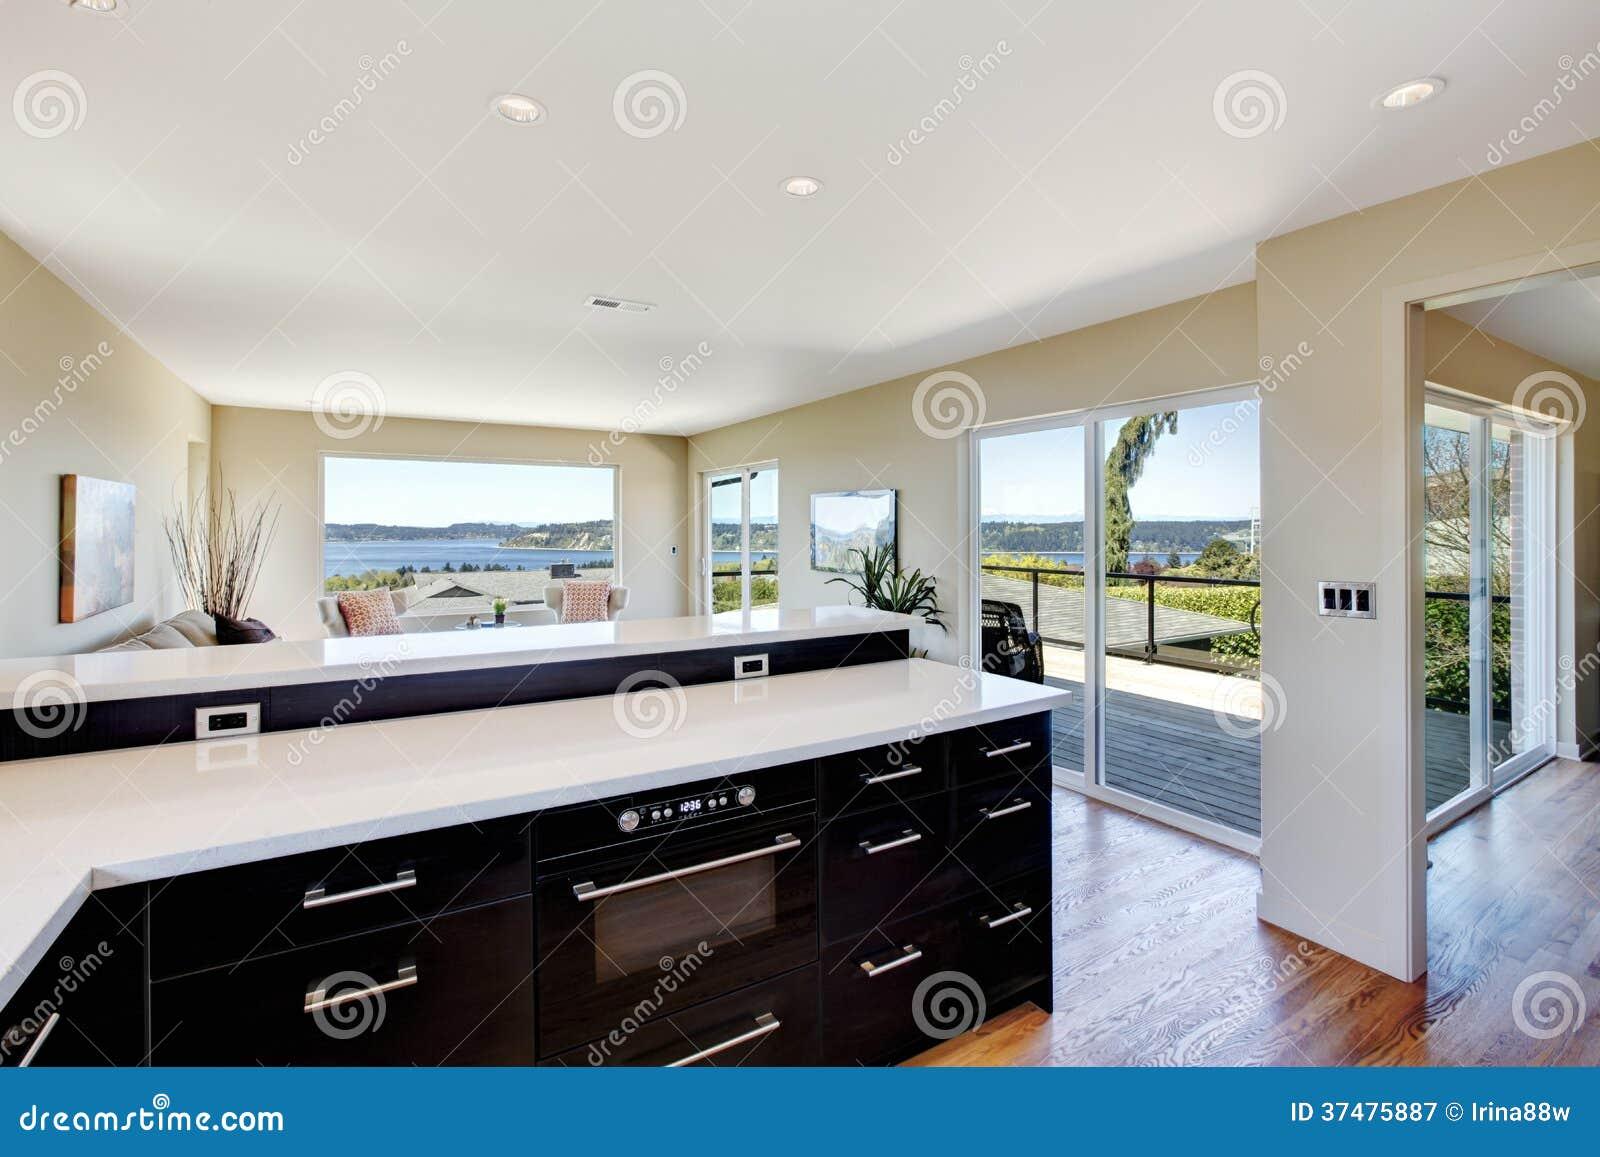 Modern Keuken En Woonkamerontwerp. Het Open Idee Van Het ...